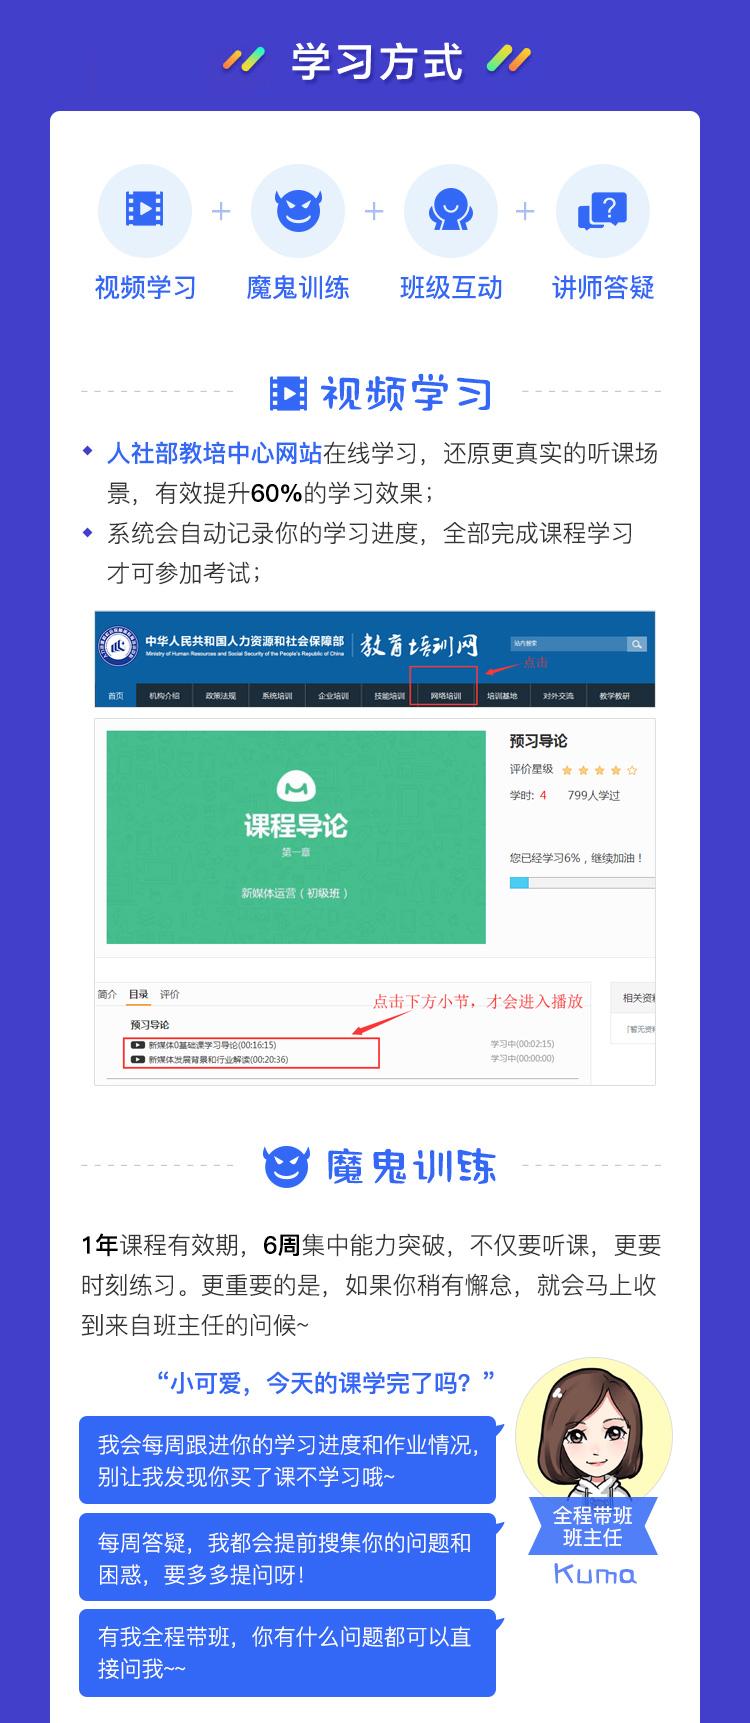 http://mtedu-img.oss-cn-beijing-internal.aliyuncs.com/ueditor/20191111175926_542272.jpg